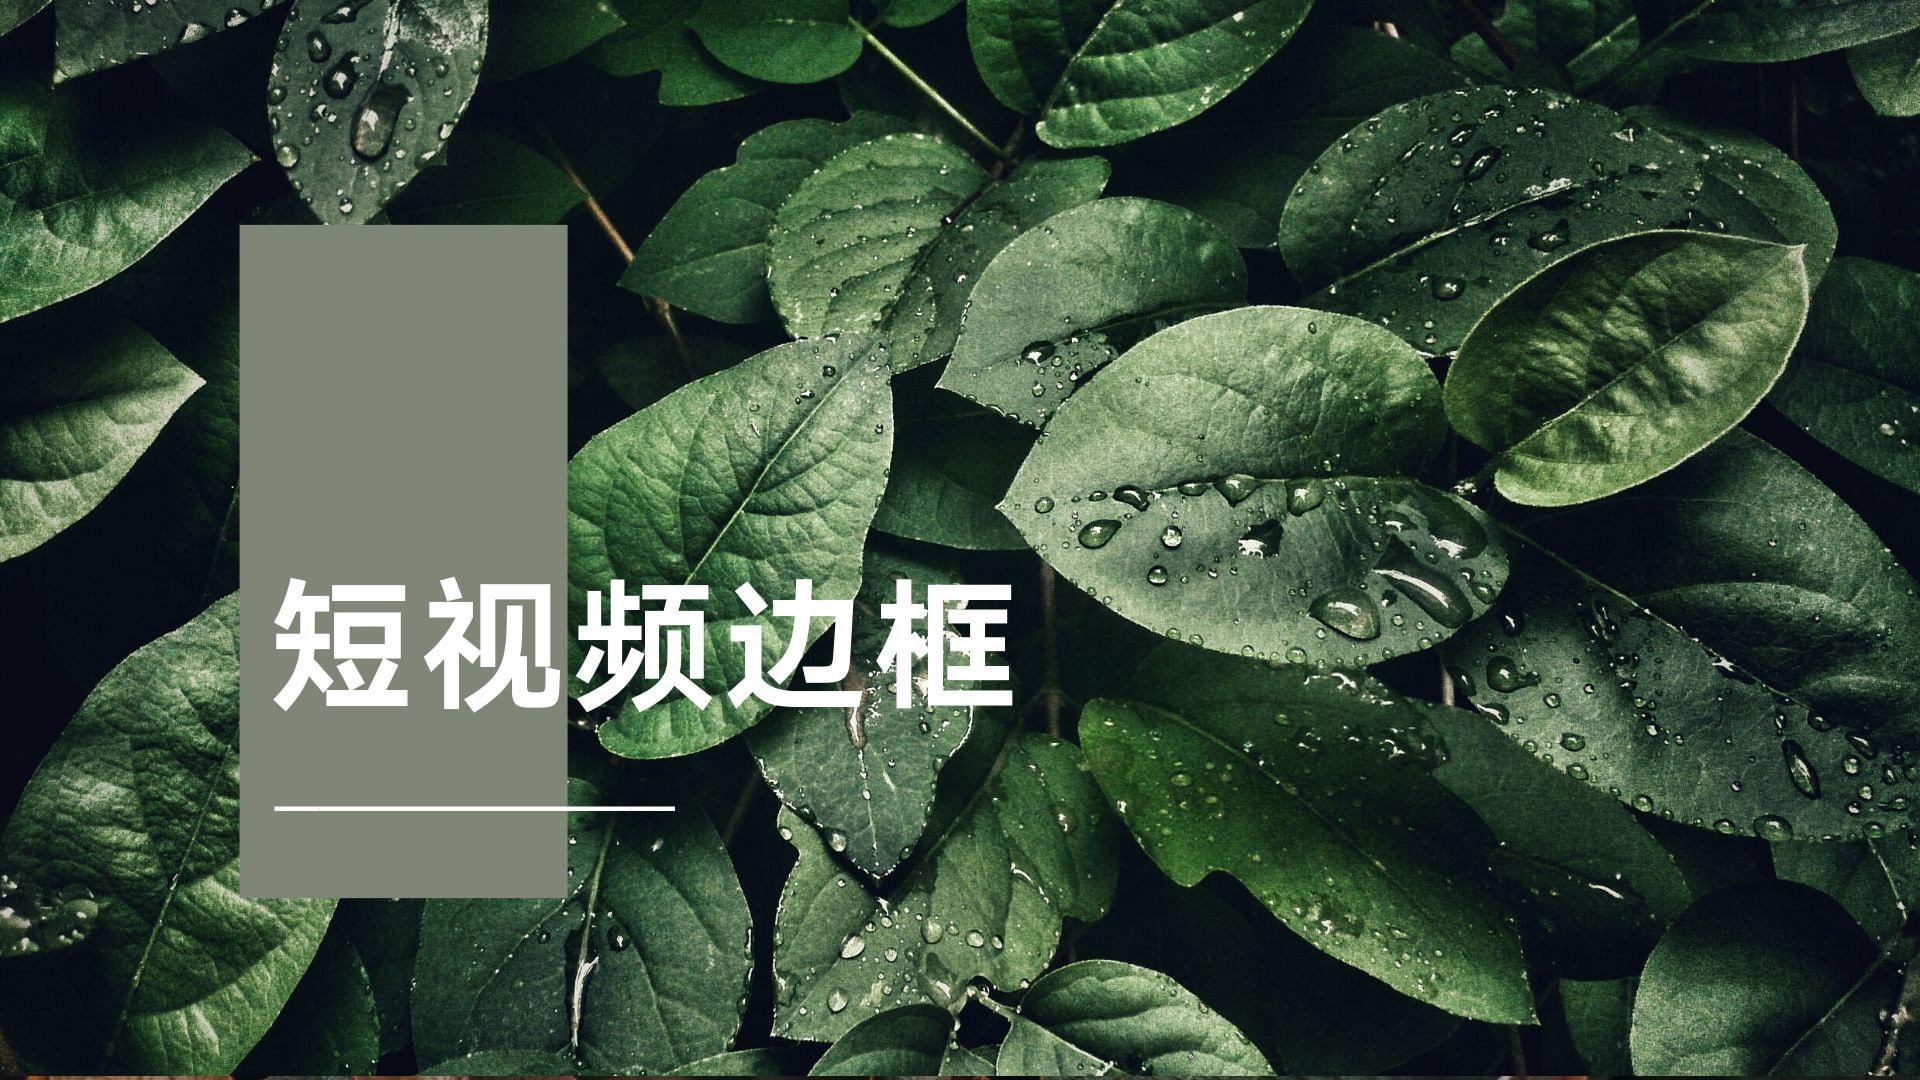 白蓝黑色山峦手机聚光灯人物产品介绍演示文稿 (26)